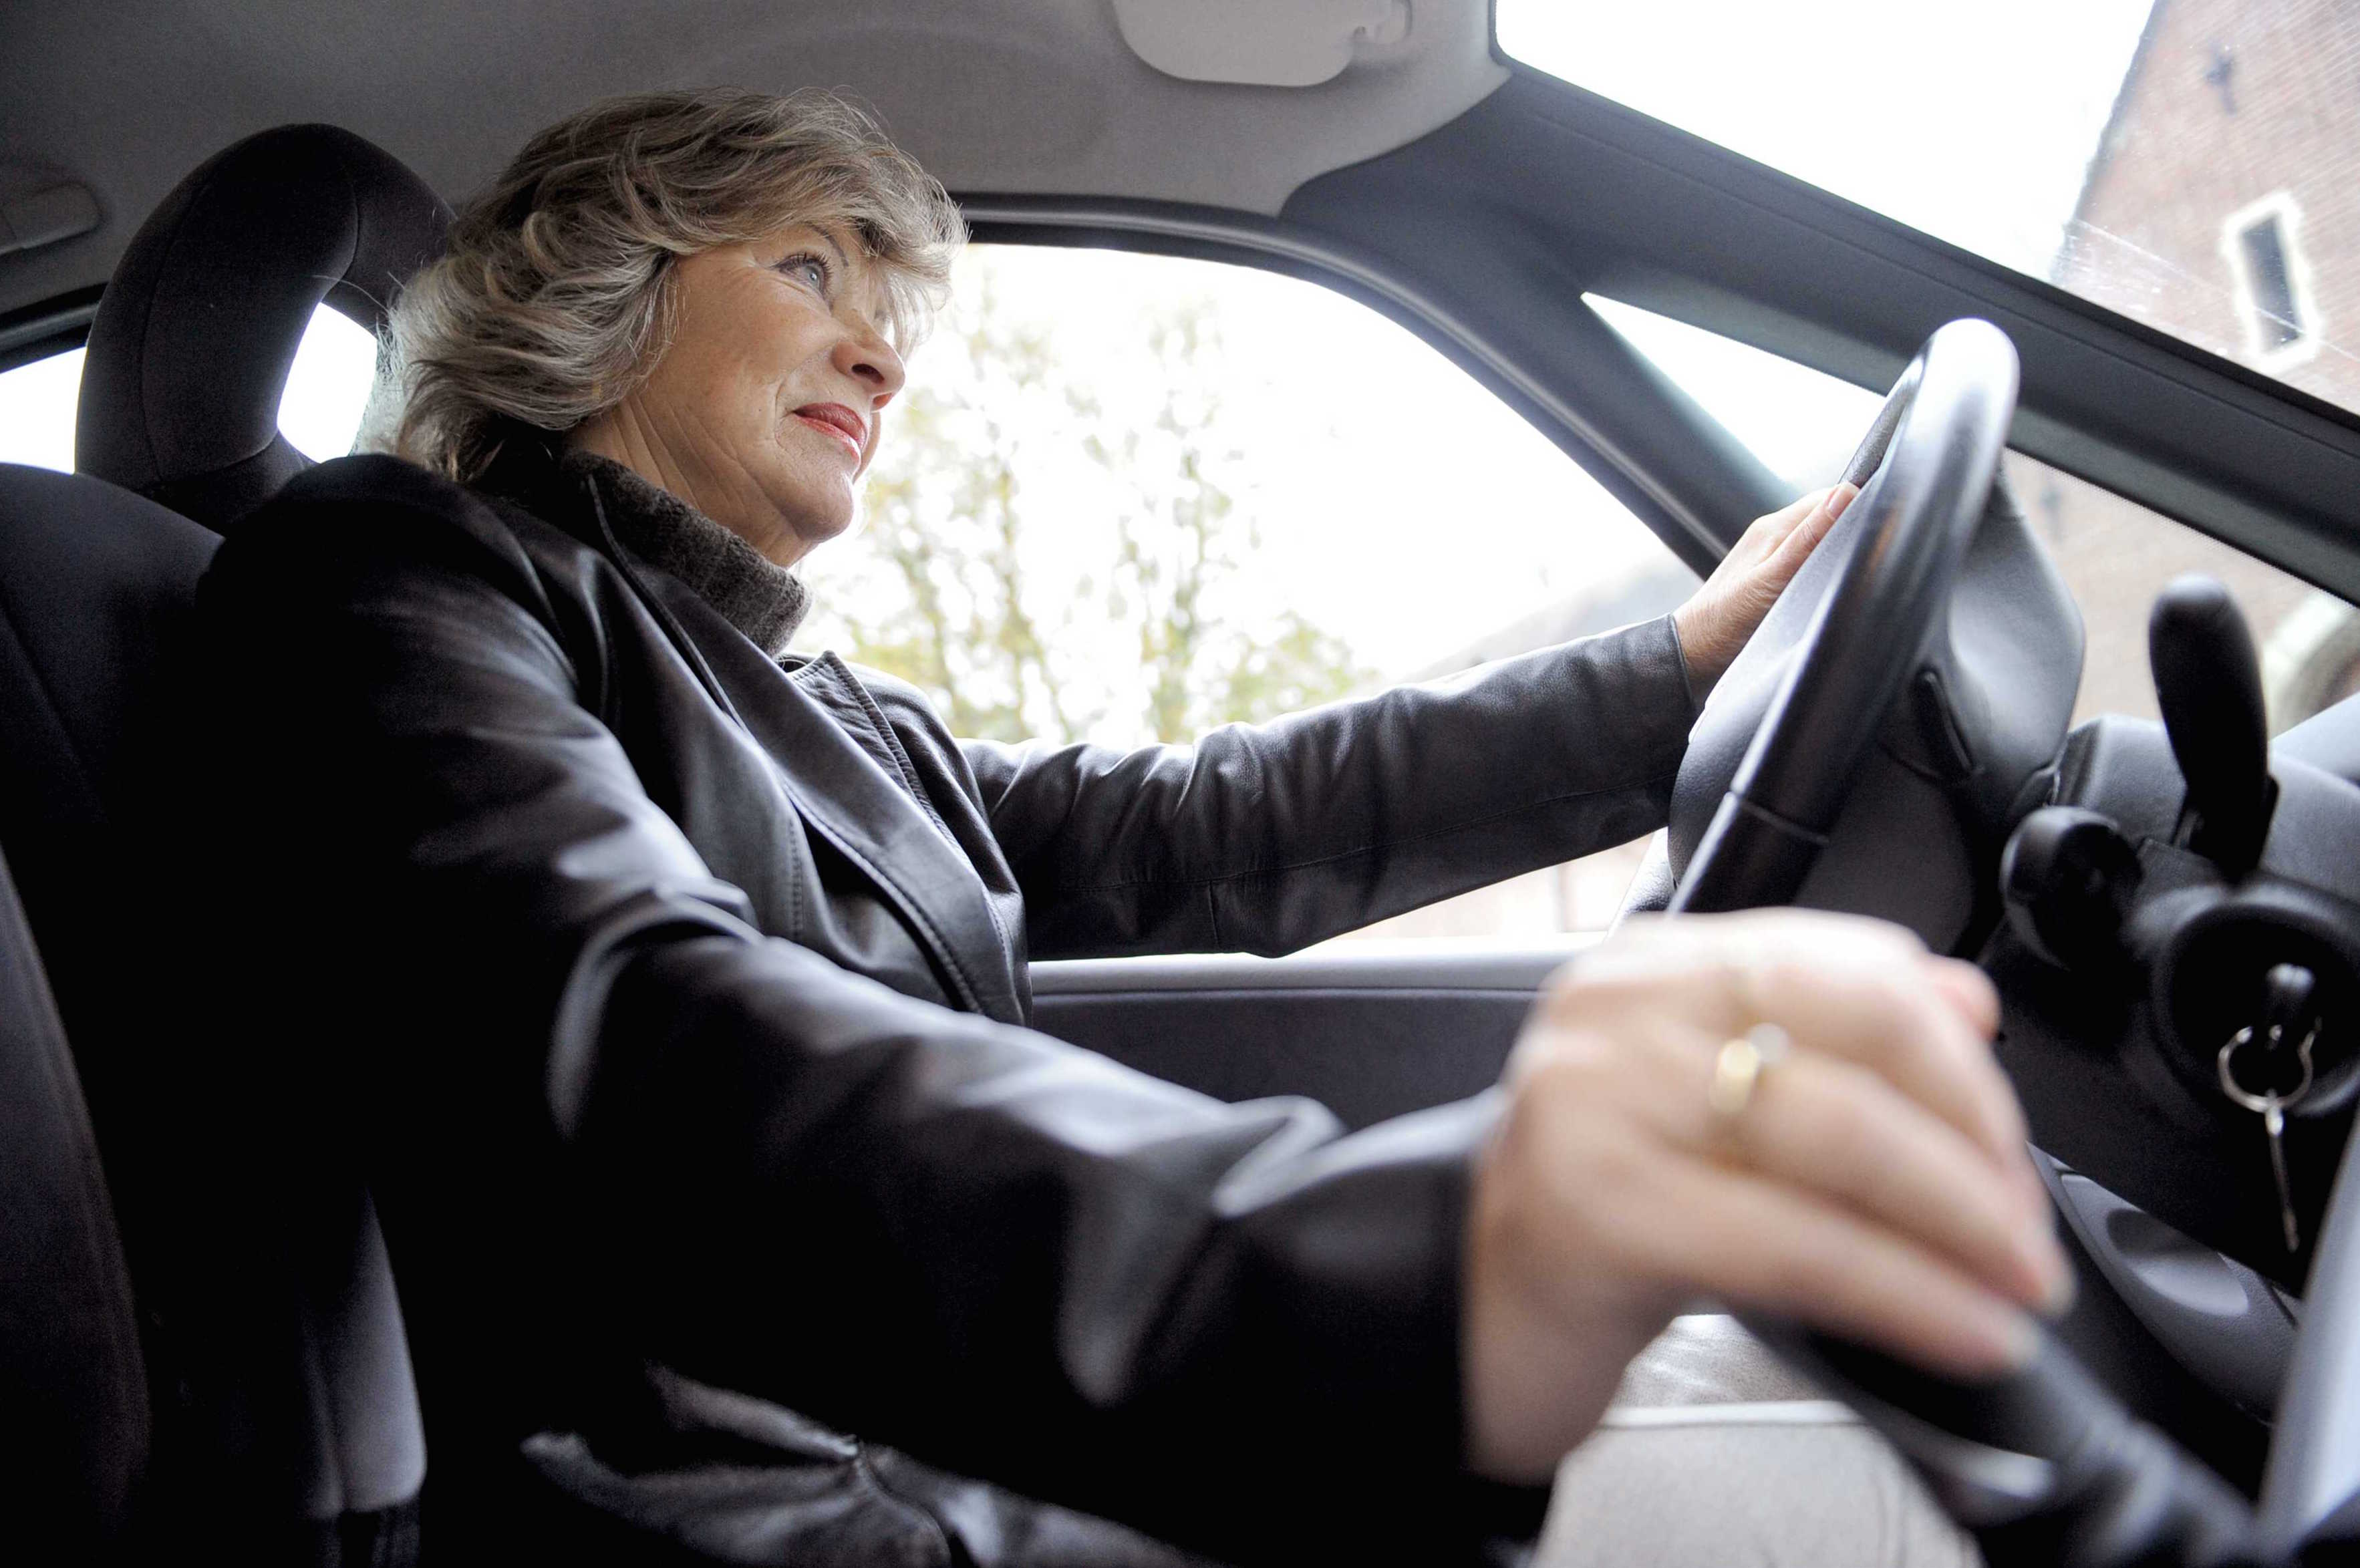 Conduite automobile : 40 % des diabétiques mal informés sur les risques